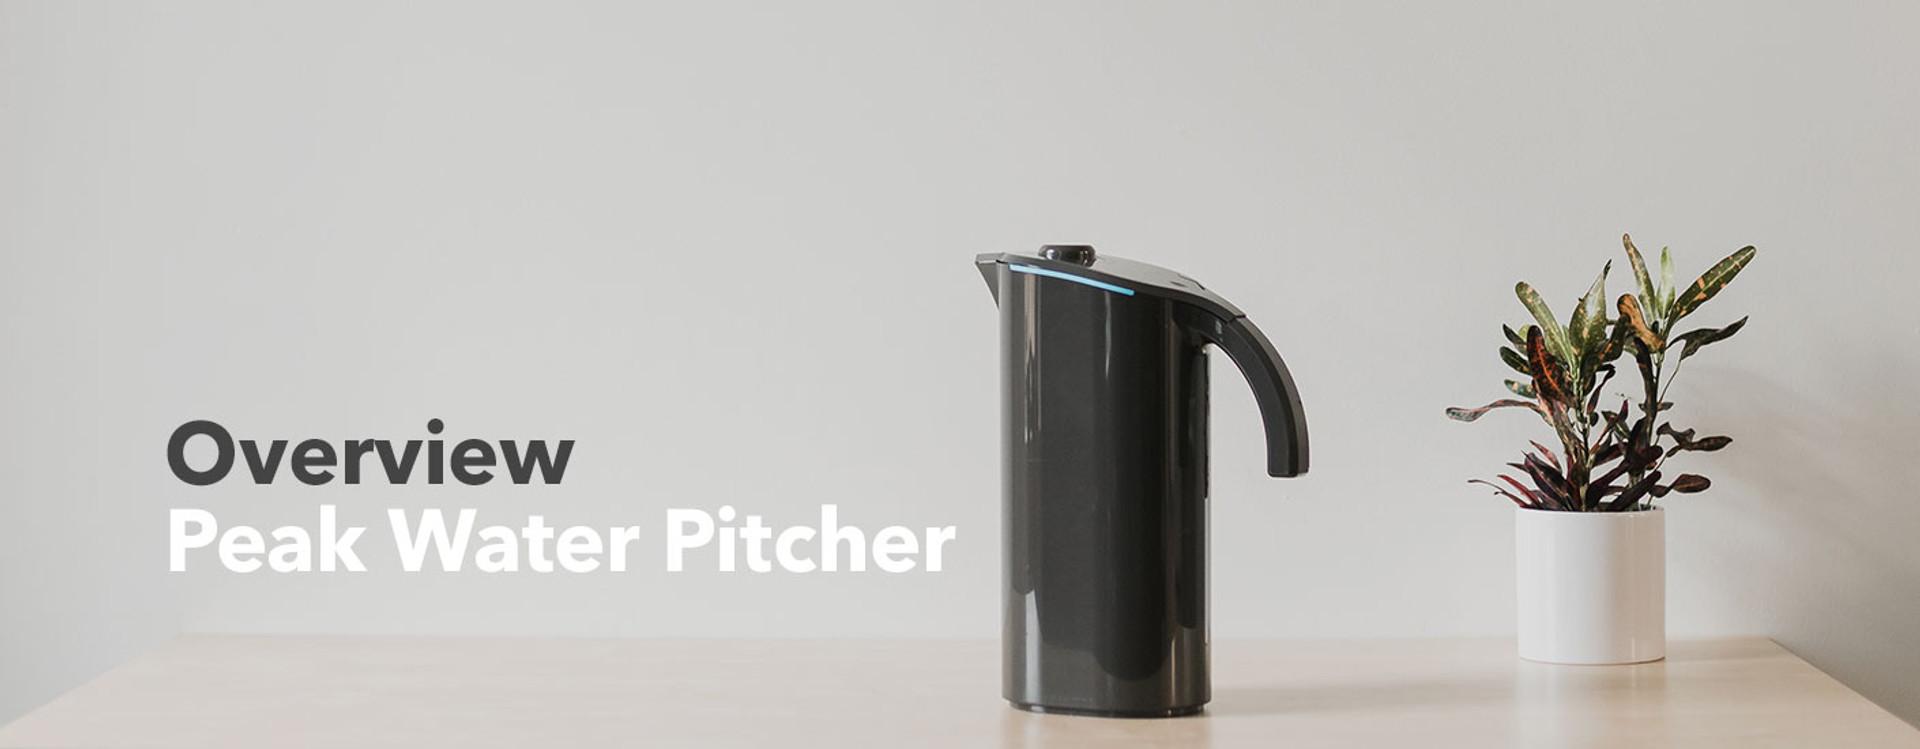 Peak Water Pitcher